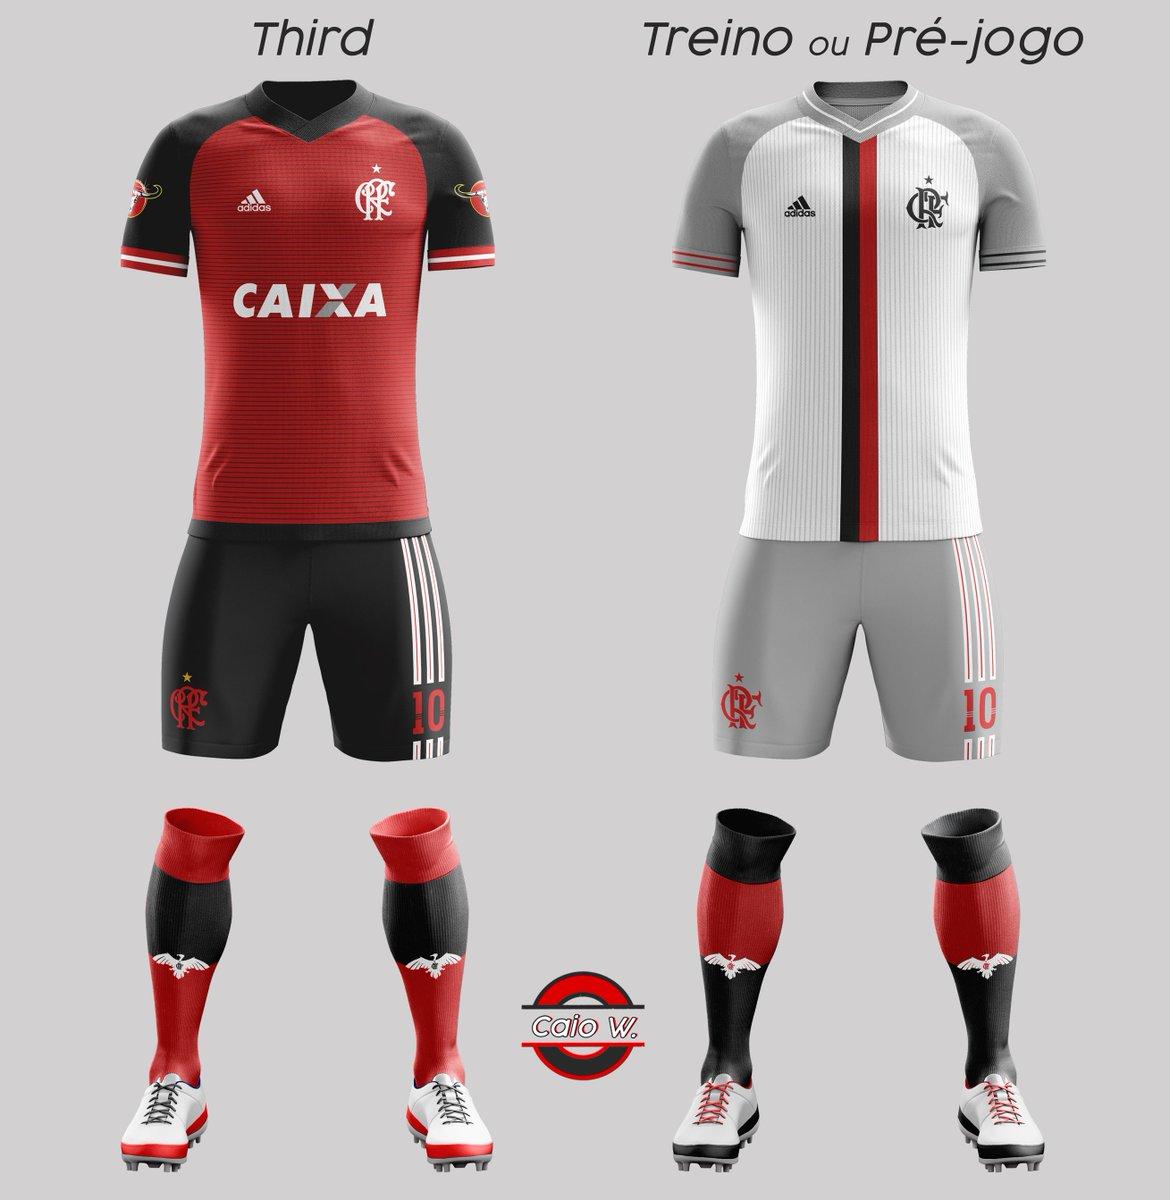 ebd548b1ee793 Projeto de uniforme para o Flamengo - Arte   CRFwerneck